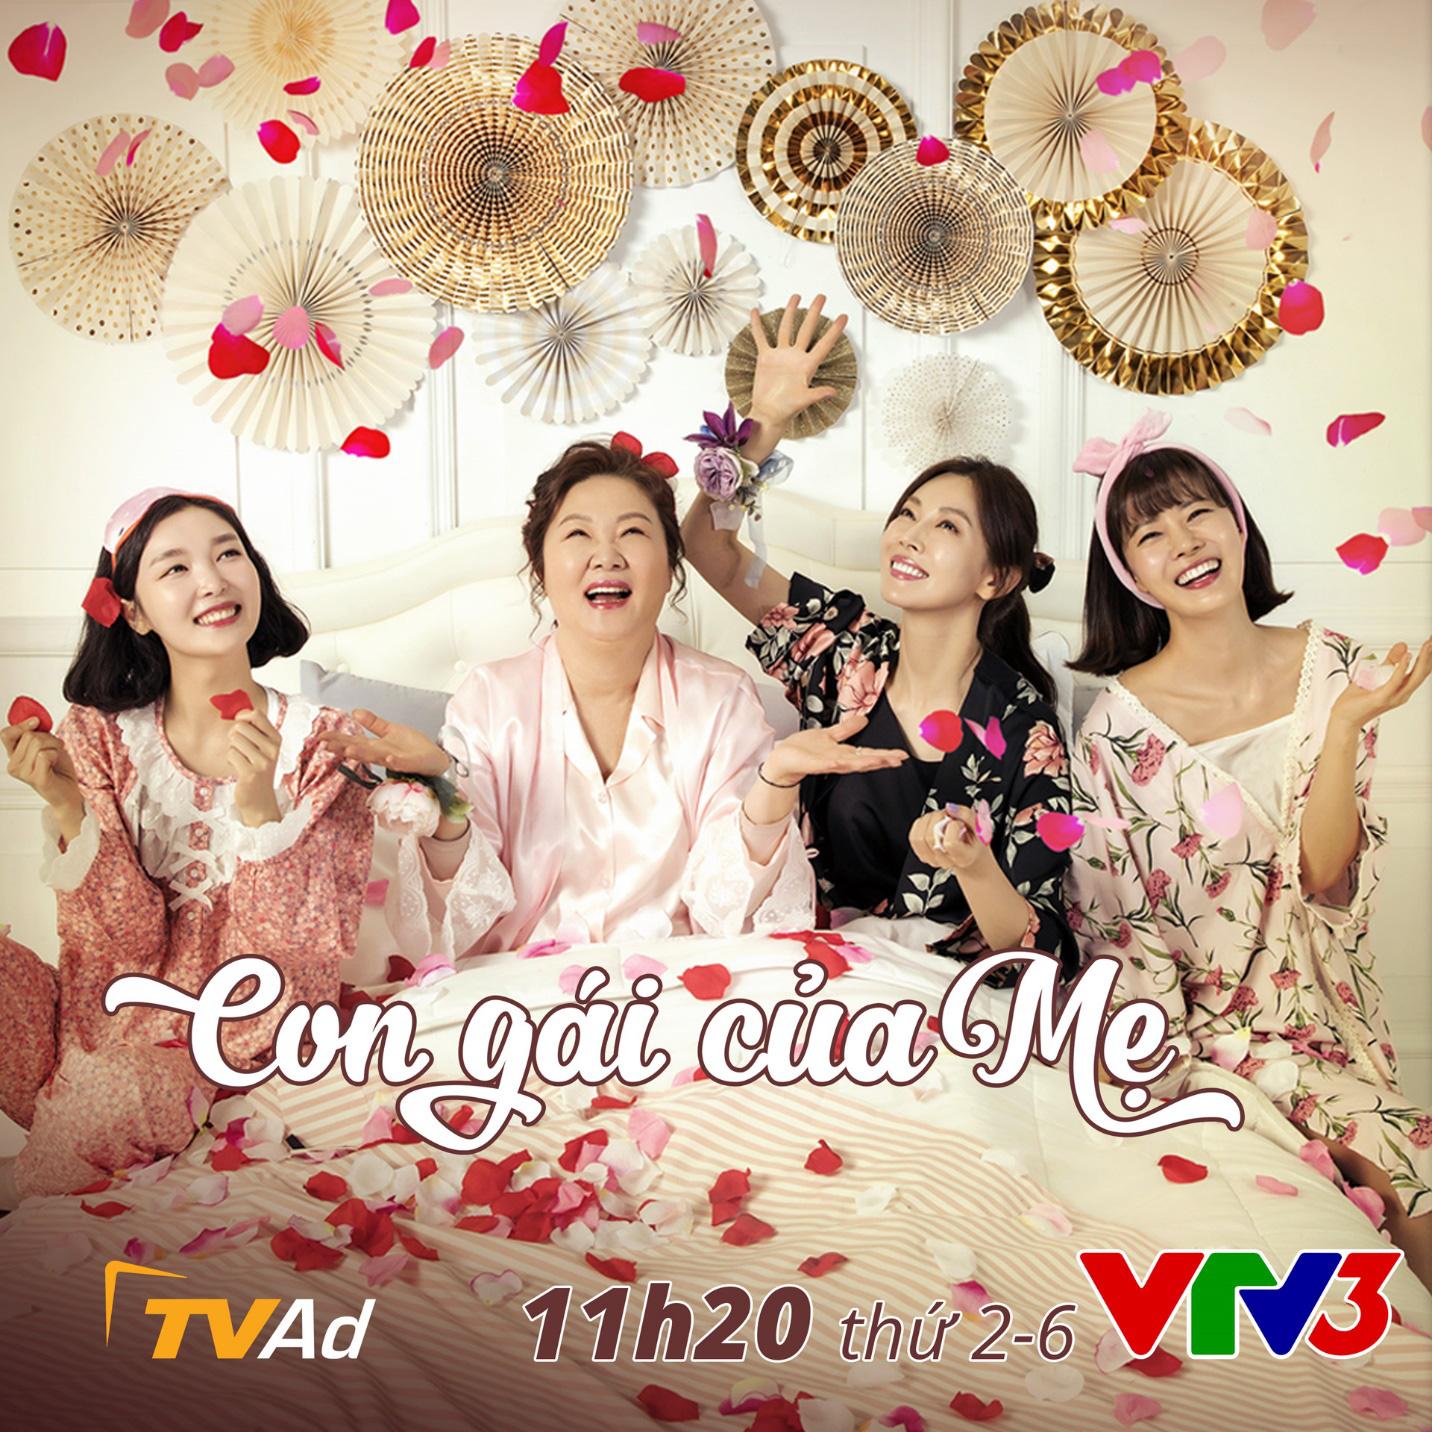 """Phim của """"Bà mẹ quốc dân"""" Hàn Quốc đạt rating siêu khủng lên sóng VTV3 - Ảnh 10."""